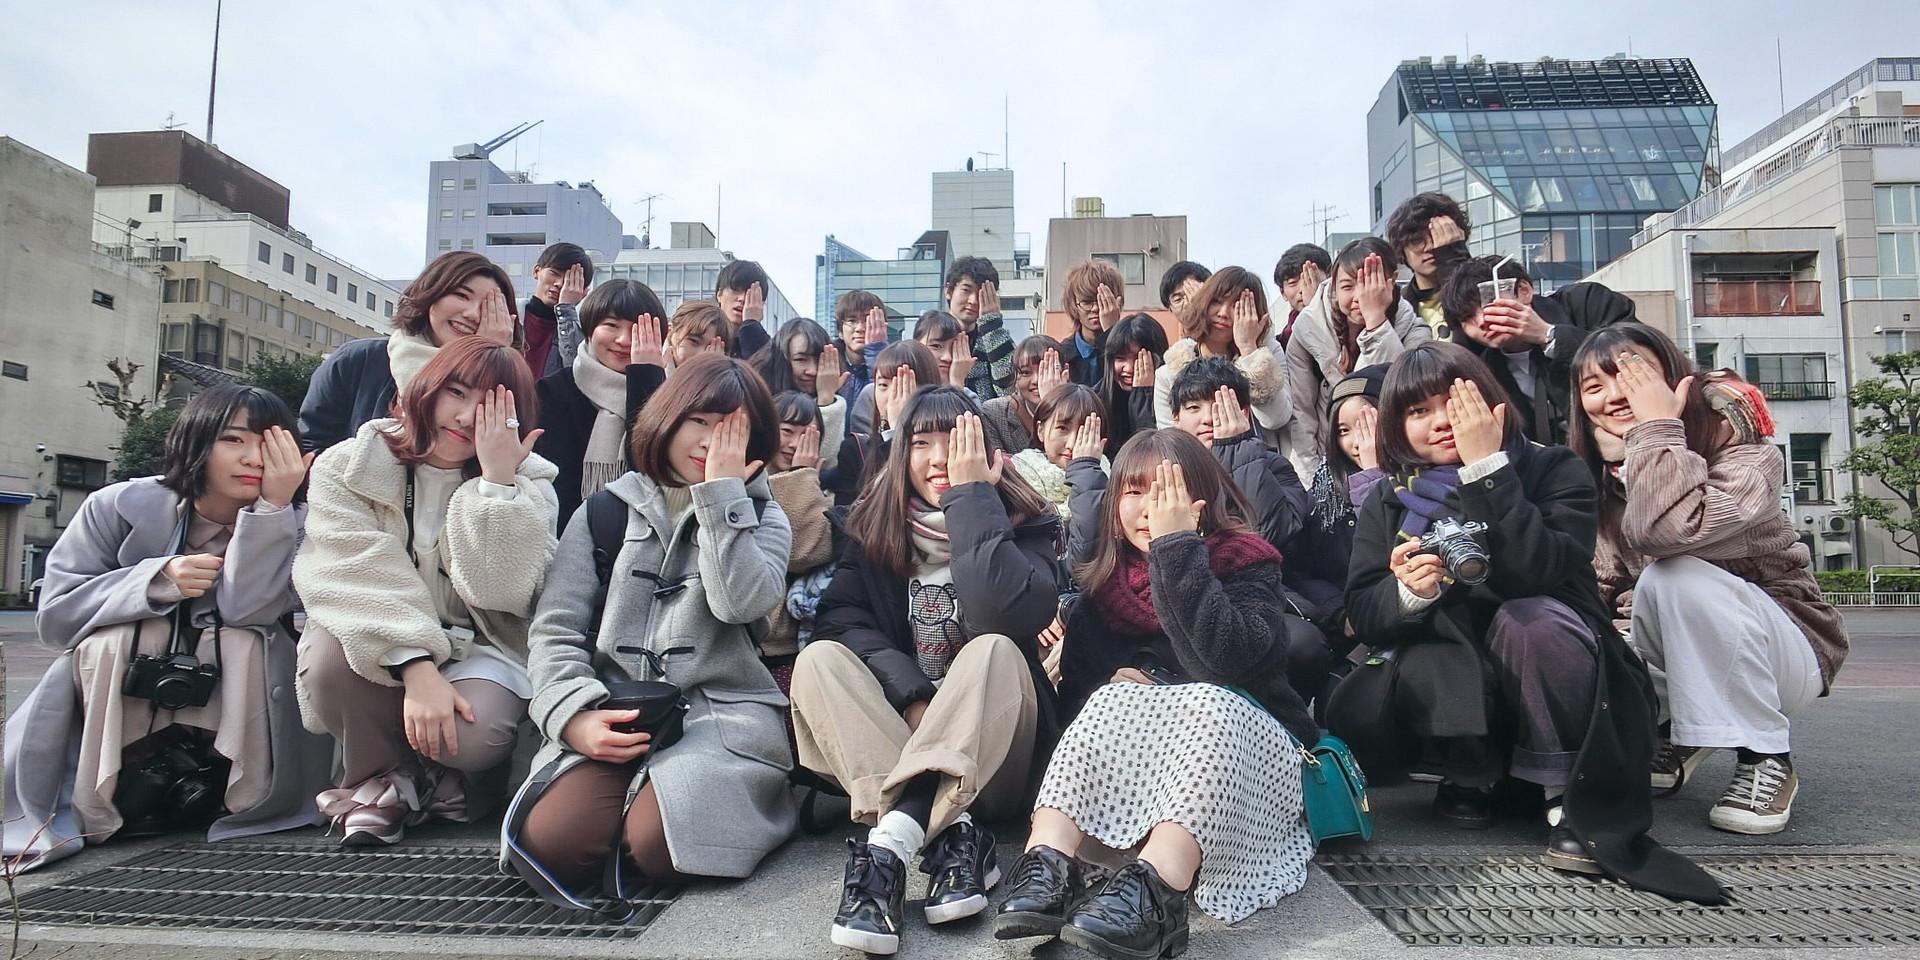 第1回目 in 新橋&東京タワー